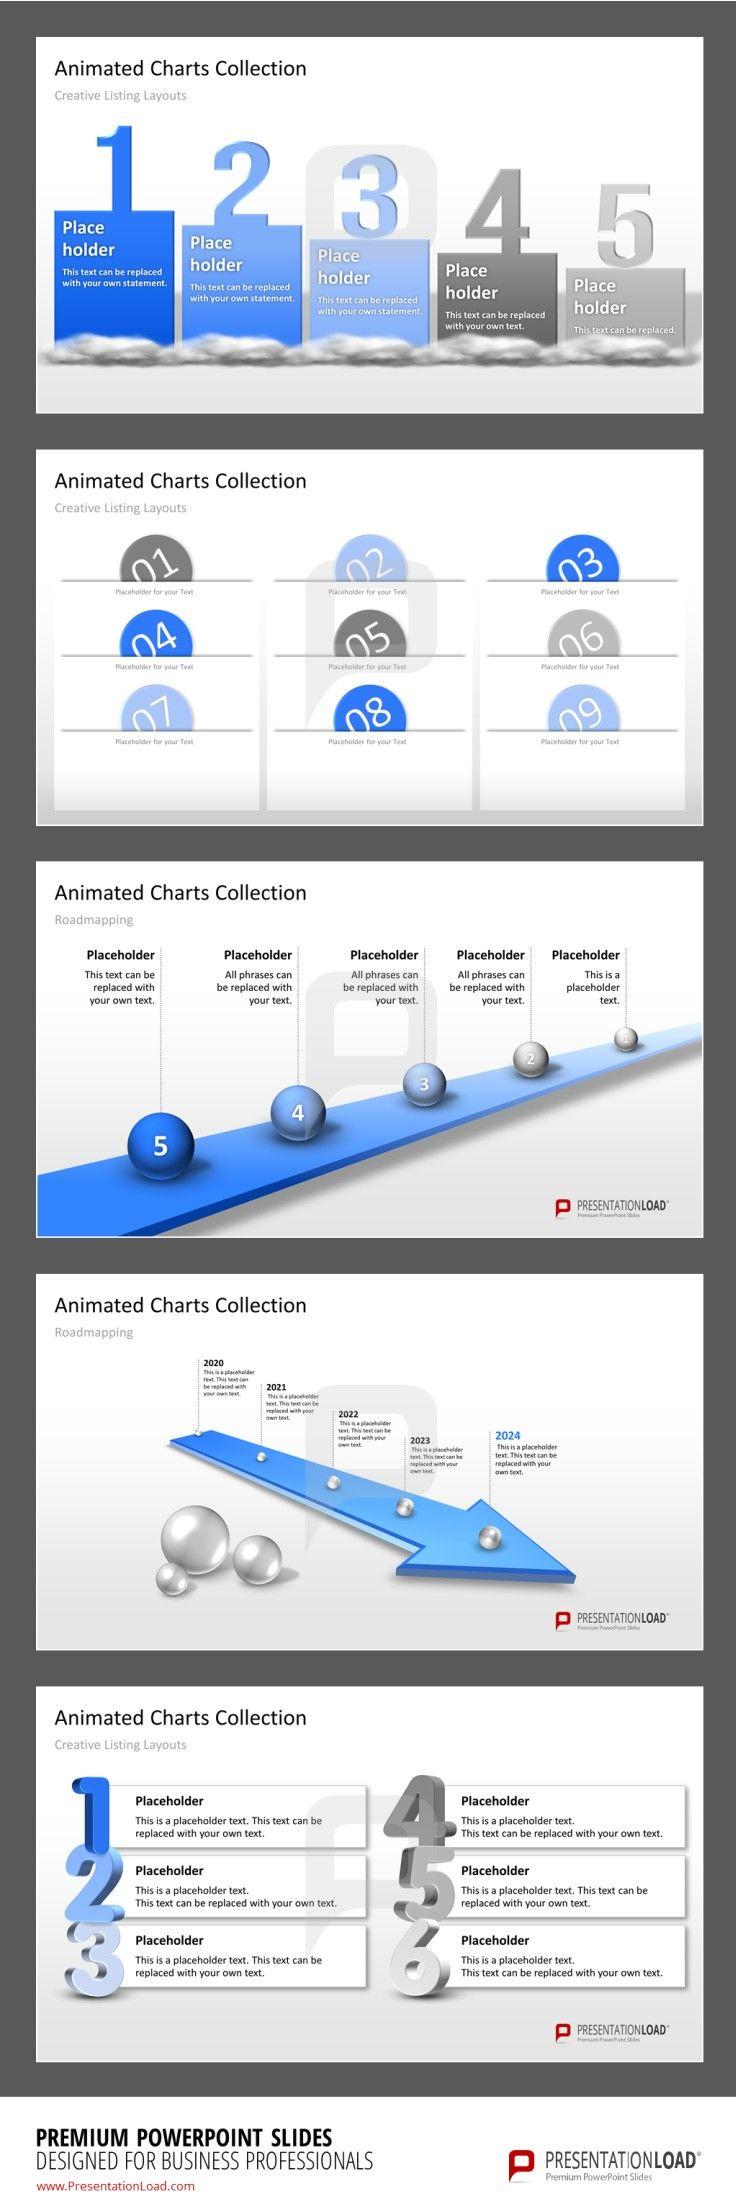 PowerPoint Hintergründe kreative Präsentationen von PresentationLoad http://www.presentationload.de/animierte-charts-sammlung.html